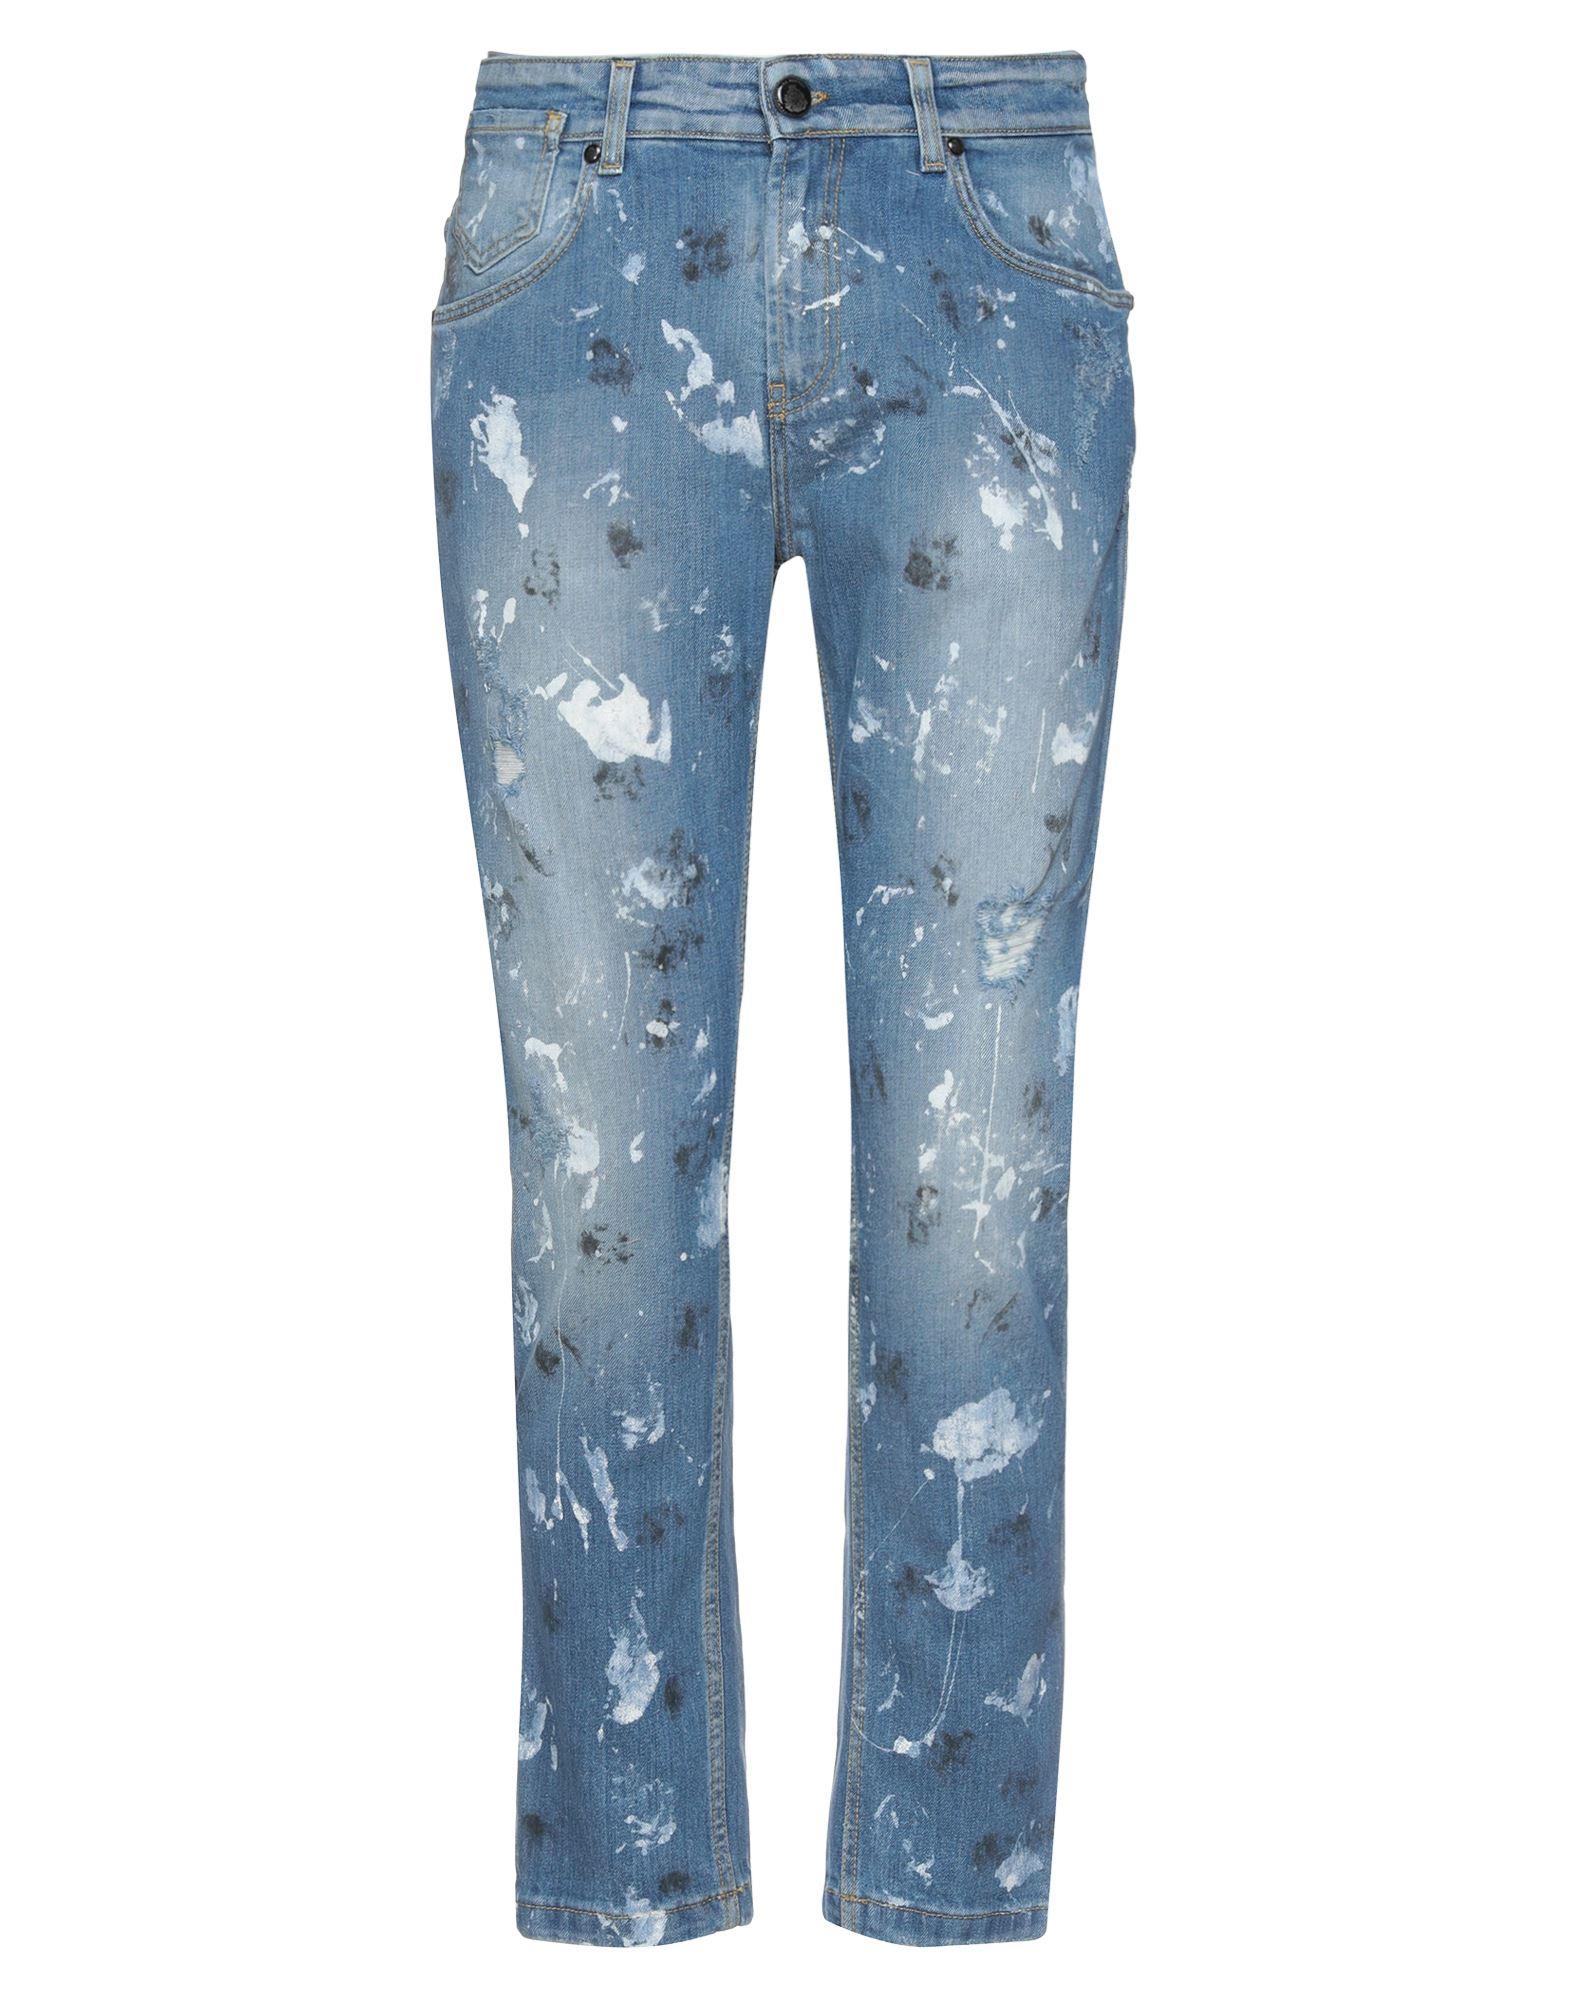 NEILL KATTER Джинсовые брюки neill katter джинсовые брюки